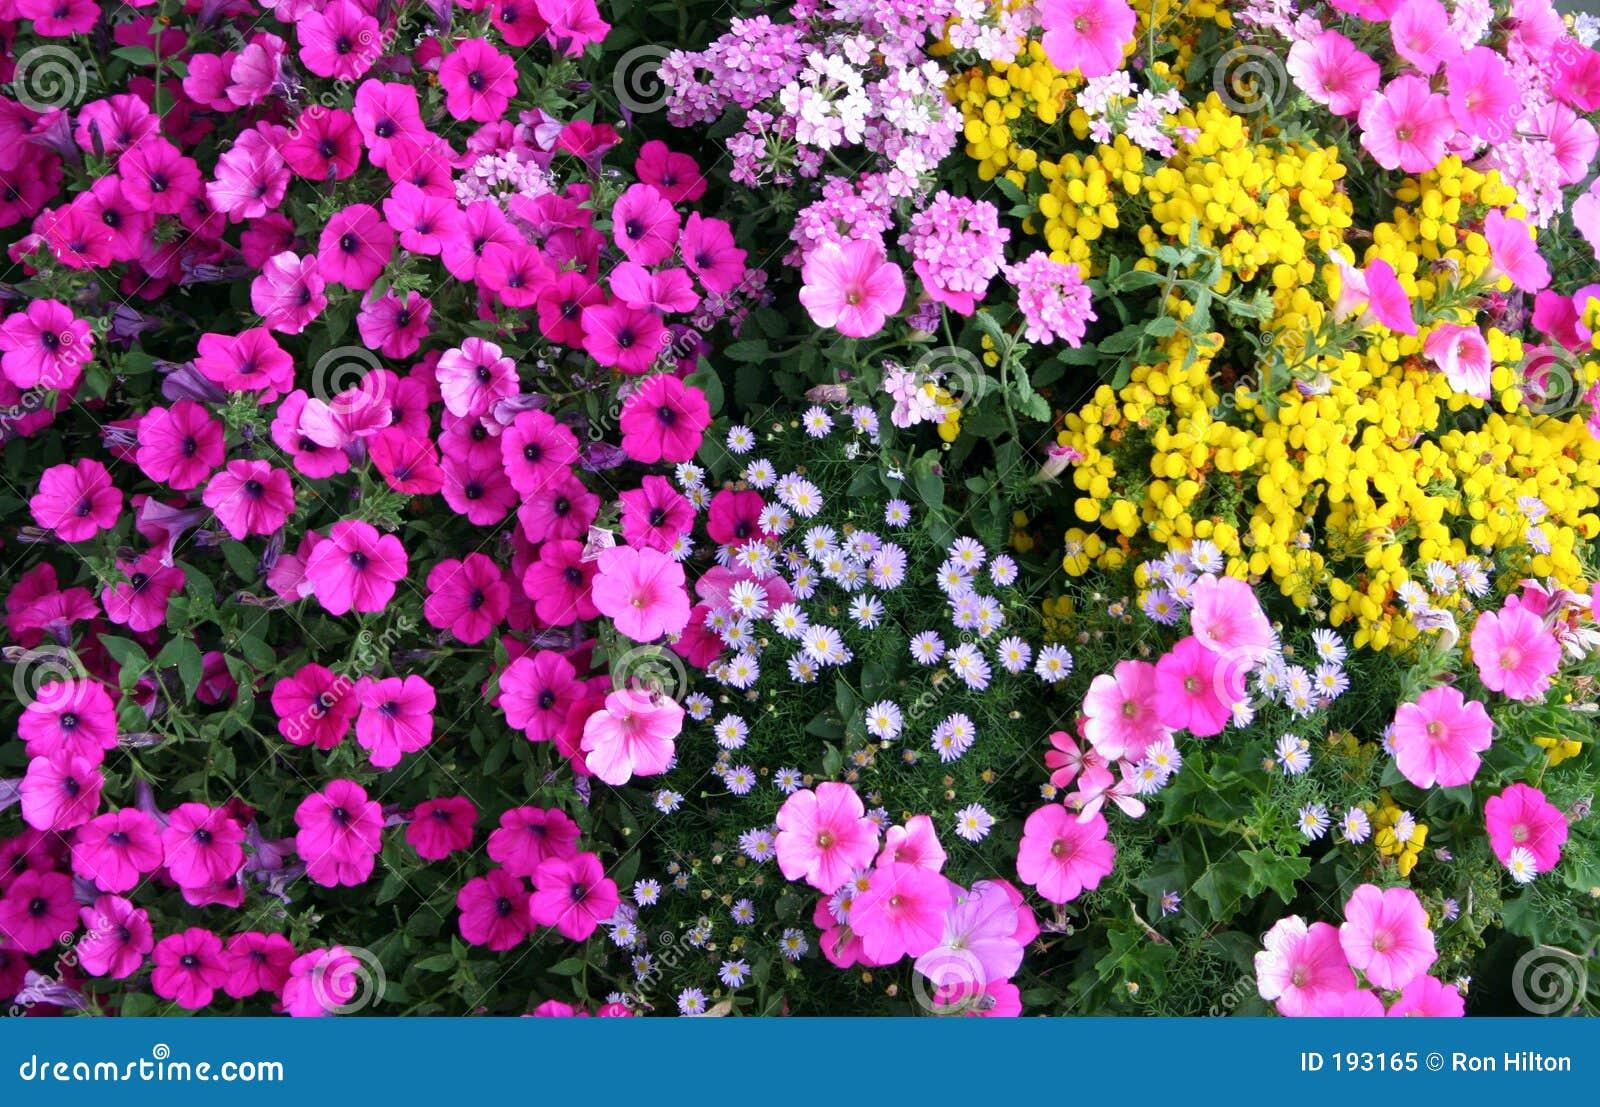 Jardin de fleur